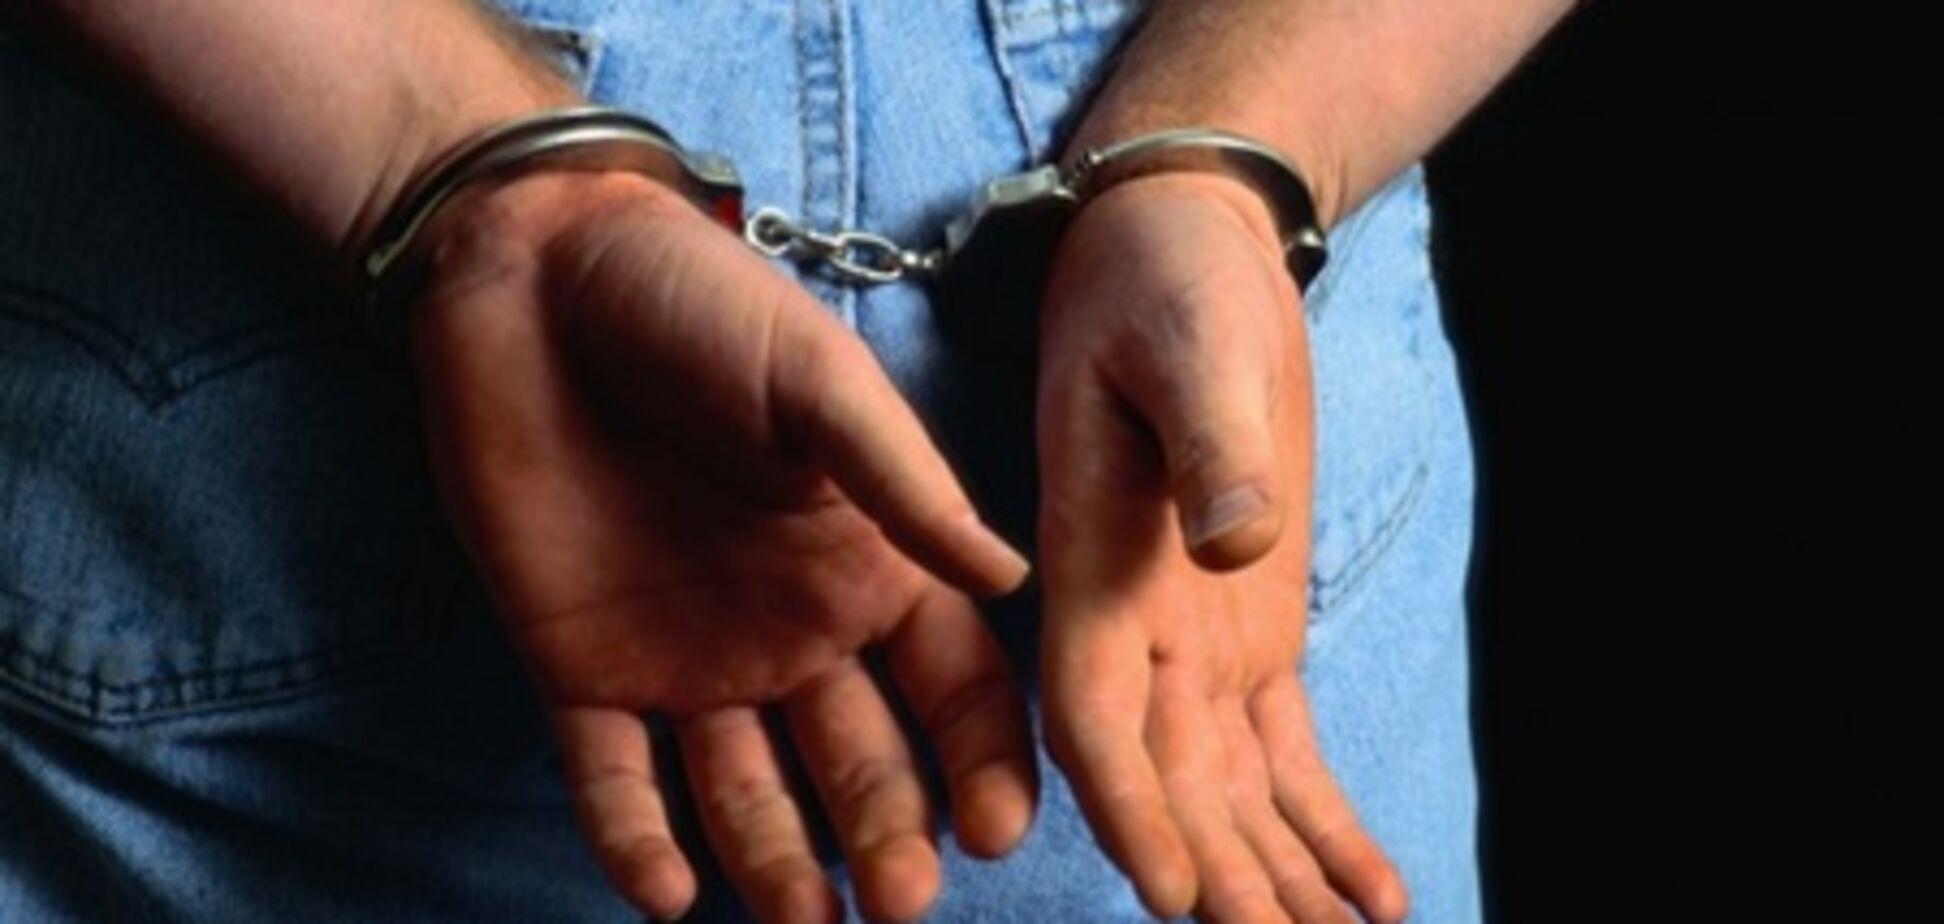 Двоє хлопців виловлювали підлітків для трудового рабства